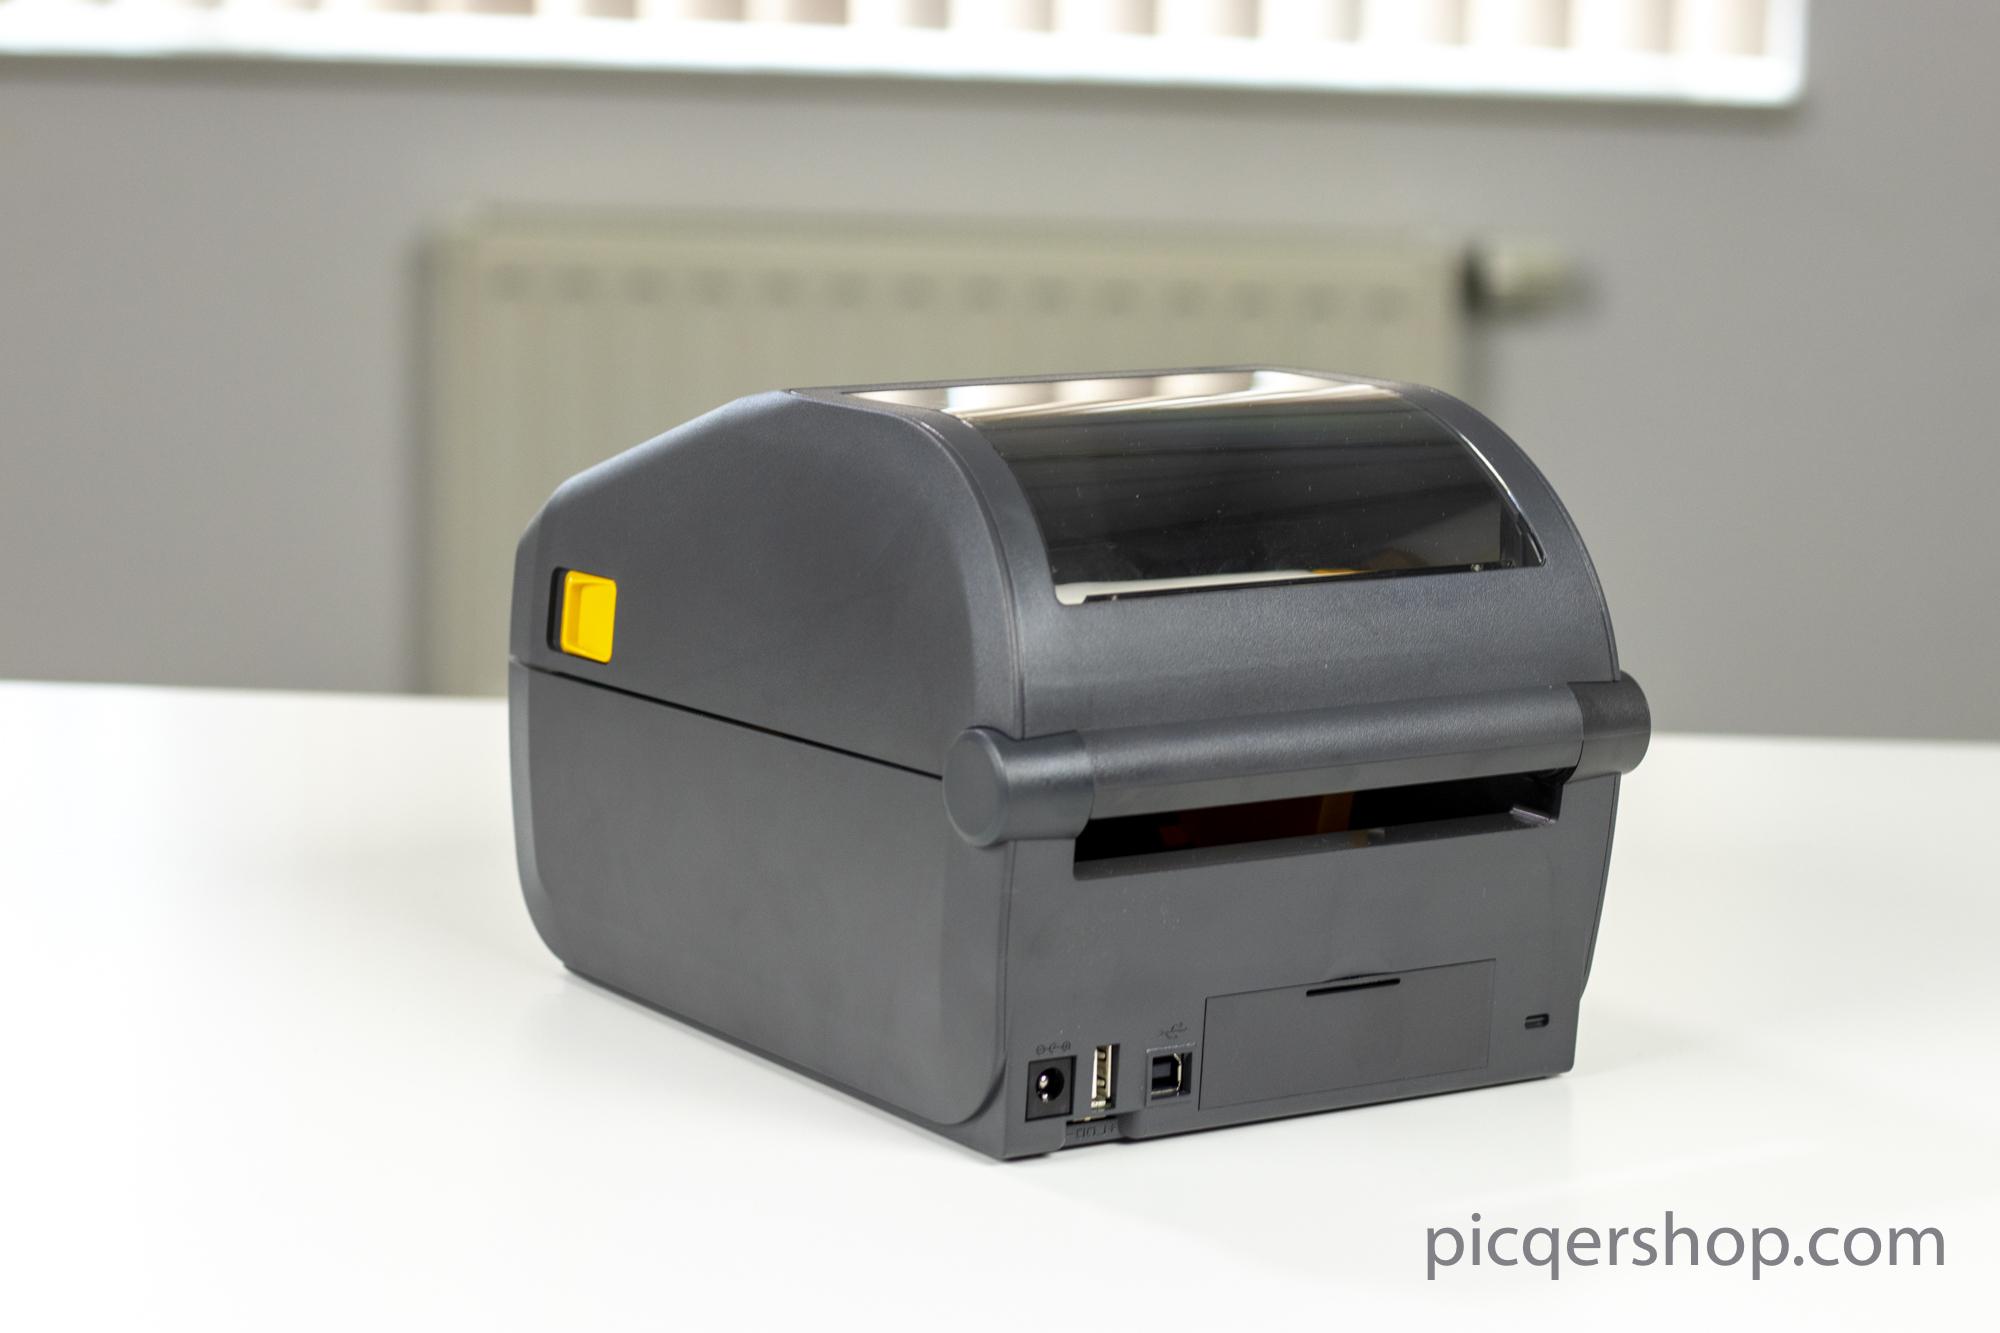 Label printer Zebra ZD420d